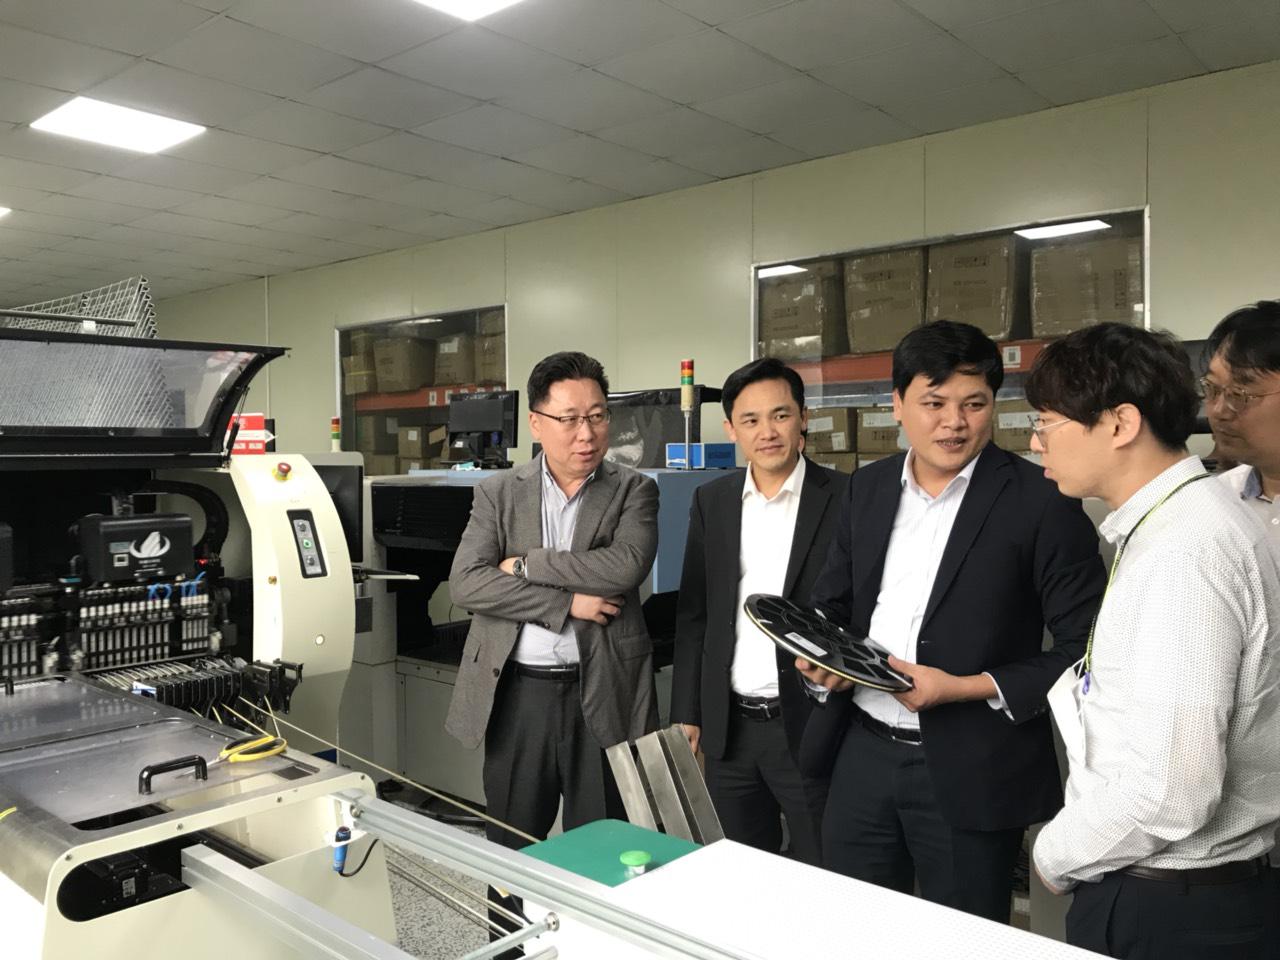 Phân xưởng SMT - Tái tim công nghệ sản xuất đèn led cao cấp